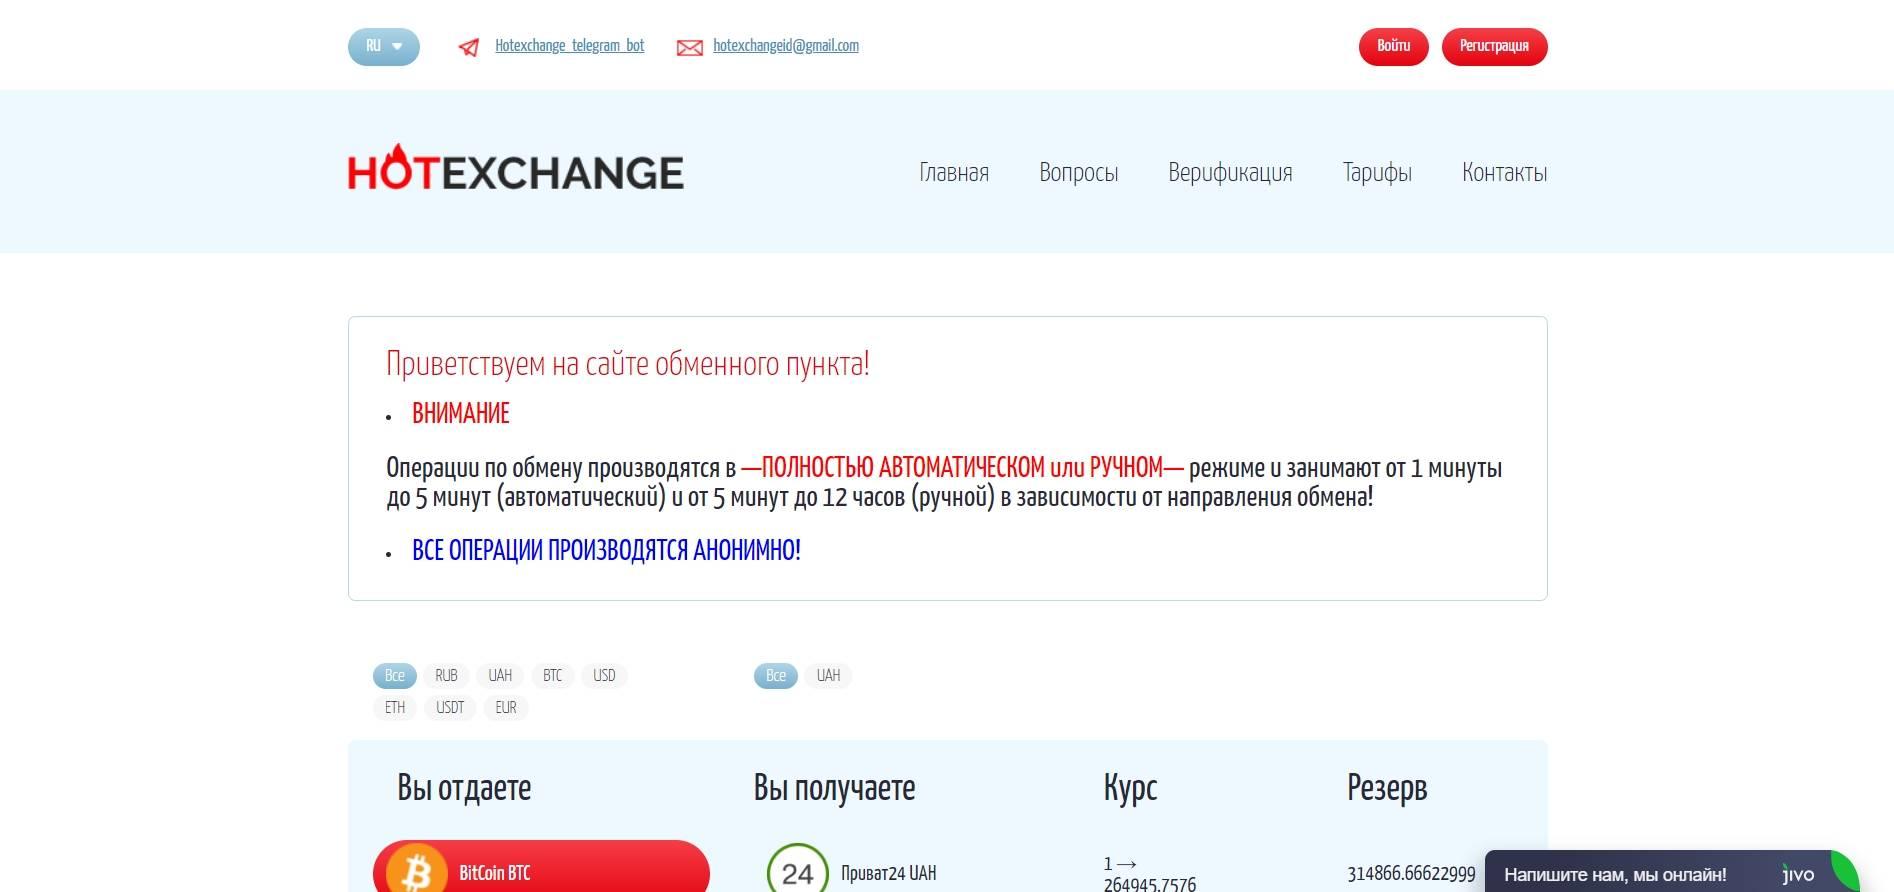 HotExchange